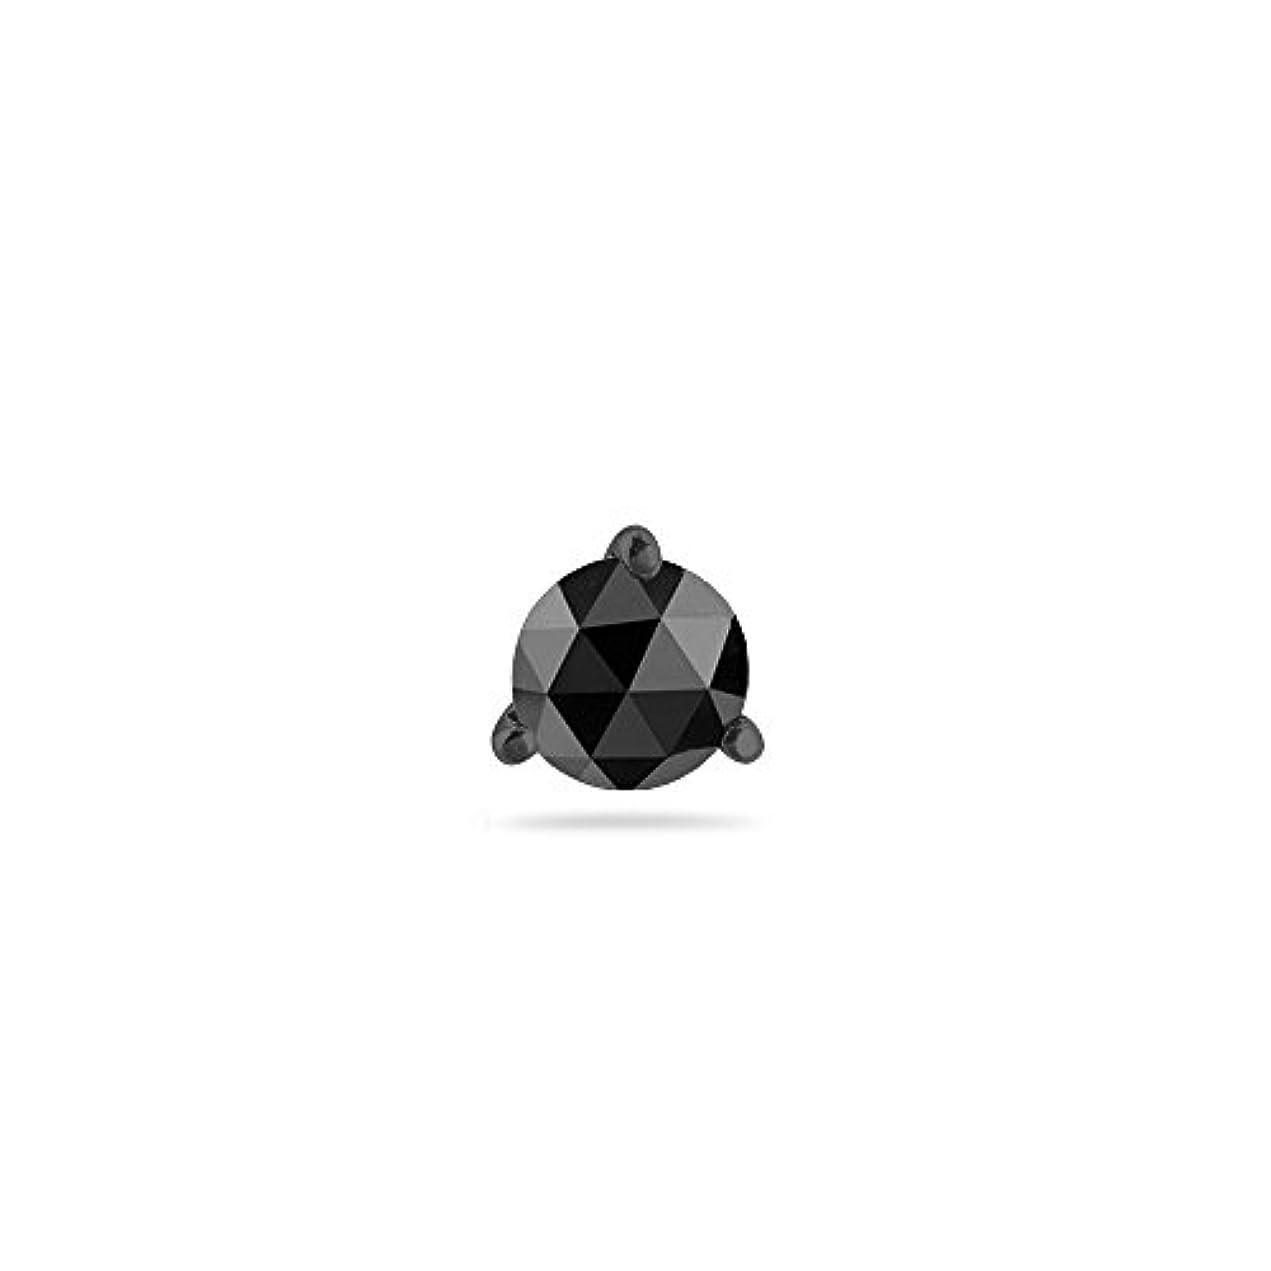 回復ピーブレポートを書くHoliday Deal – 1 / 9 ( 0.10 – 0.13 ) CTSの2.50 – 3.00 MM AAAラウンドローズカットブラックダイヤモンドメンズスタッドイヤリング14 K Blackenedホワイトゴールド